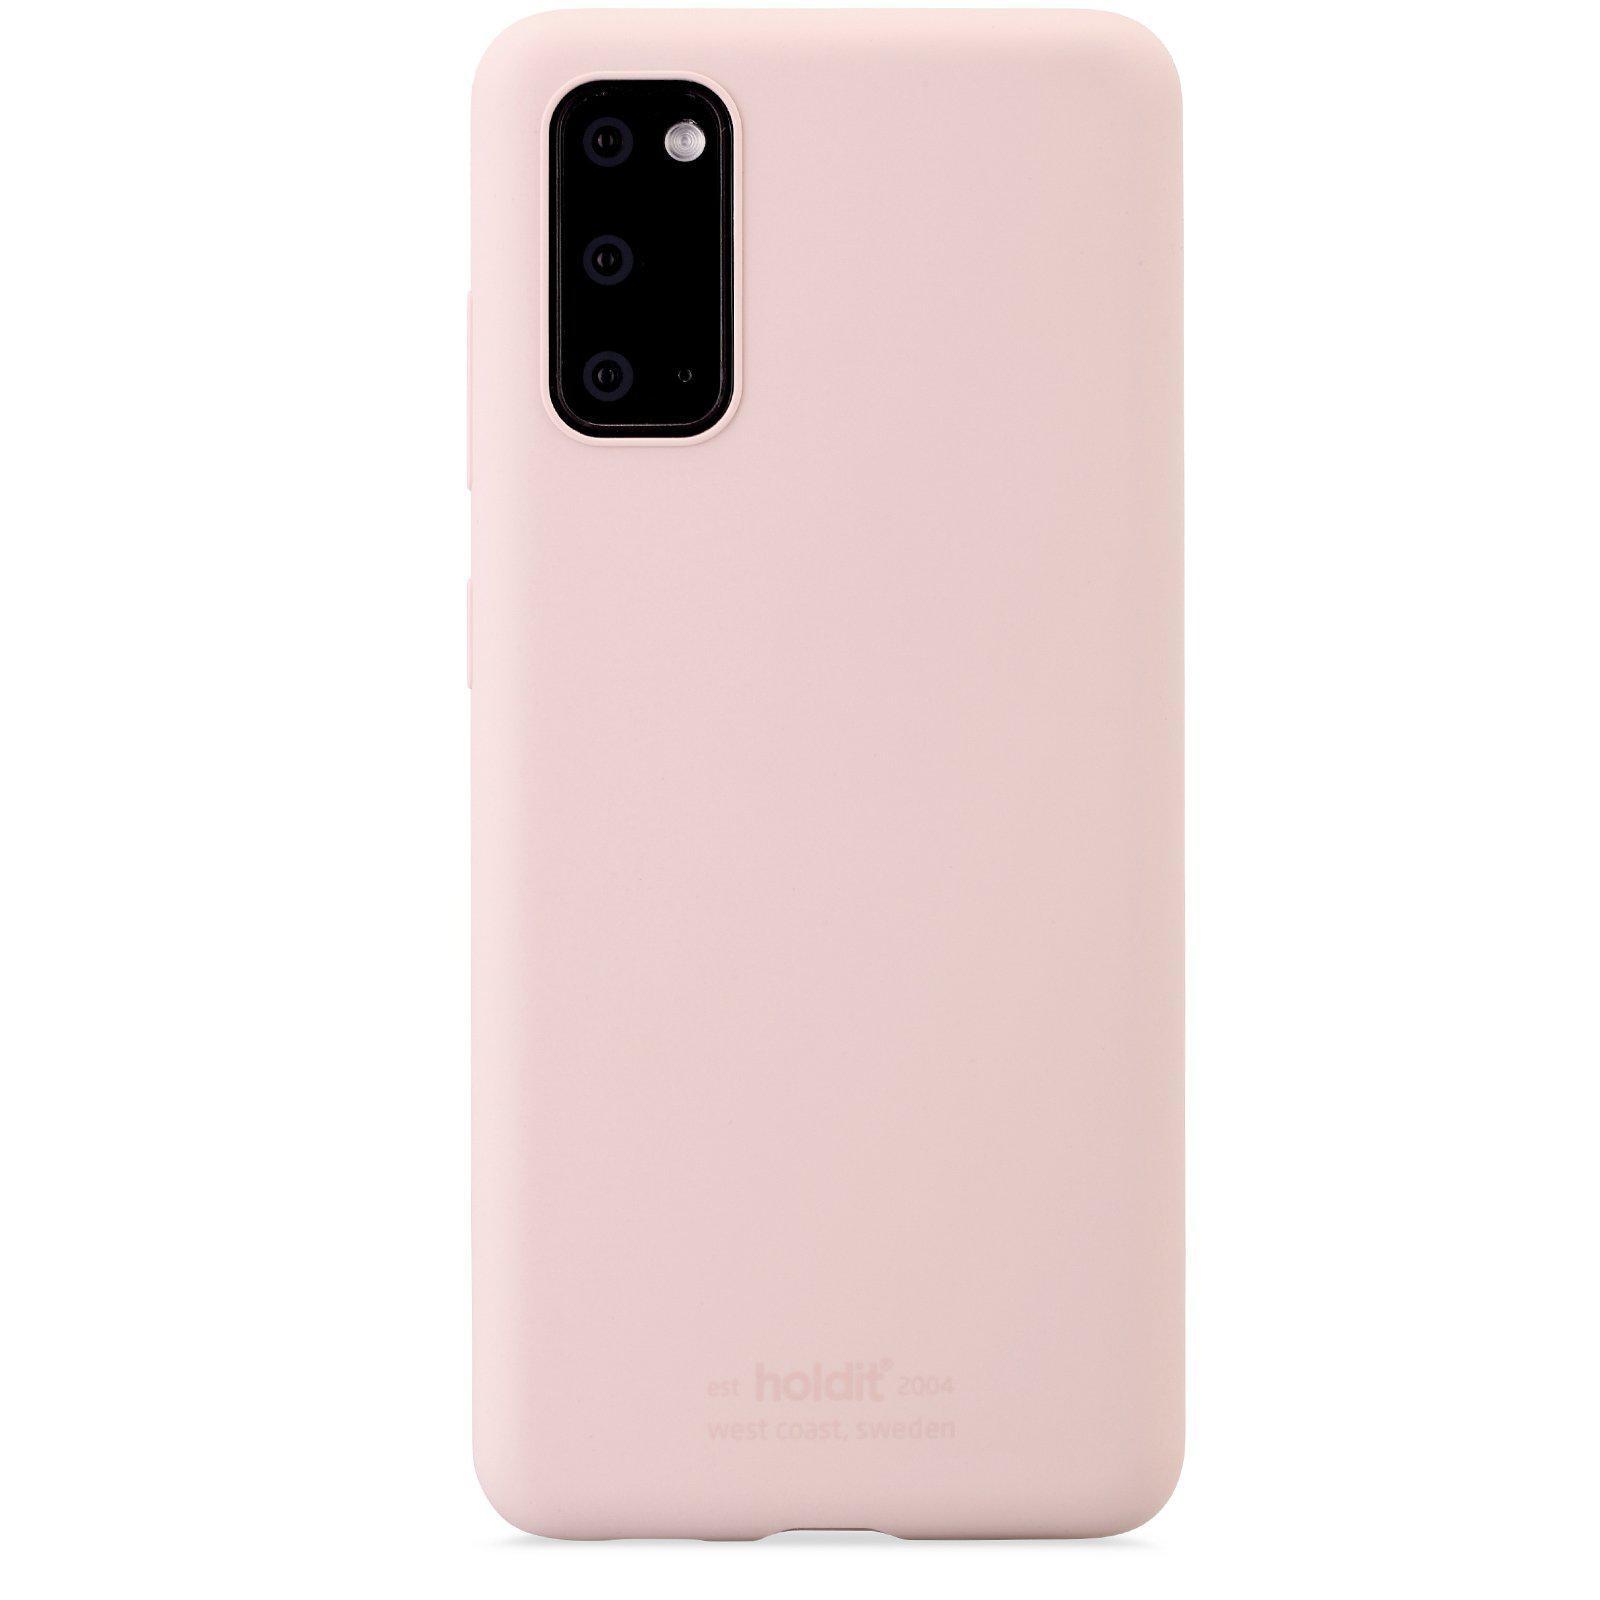 Silikonskal Galaxy S20 Blush Pink